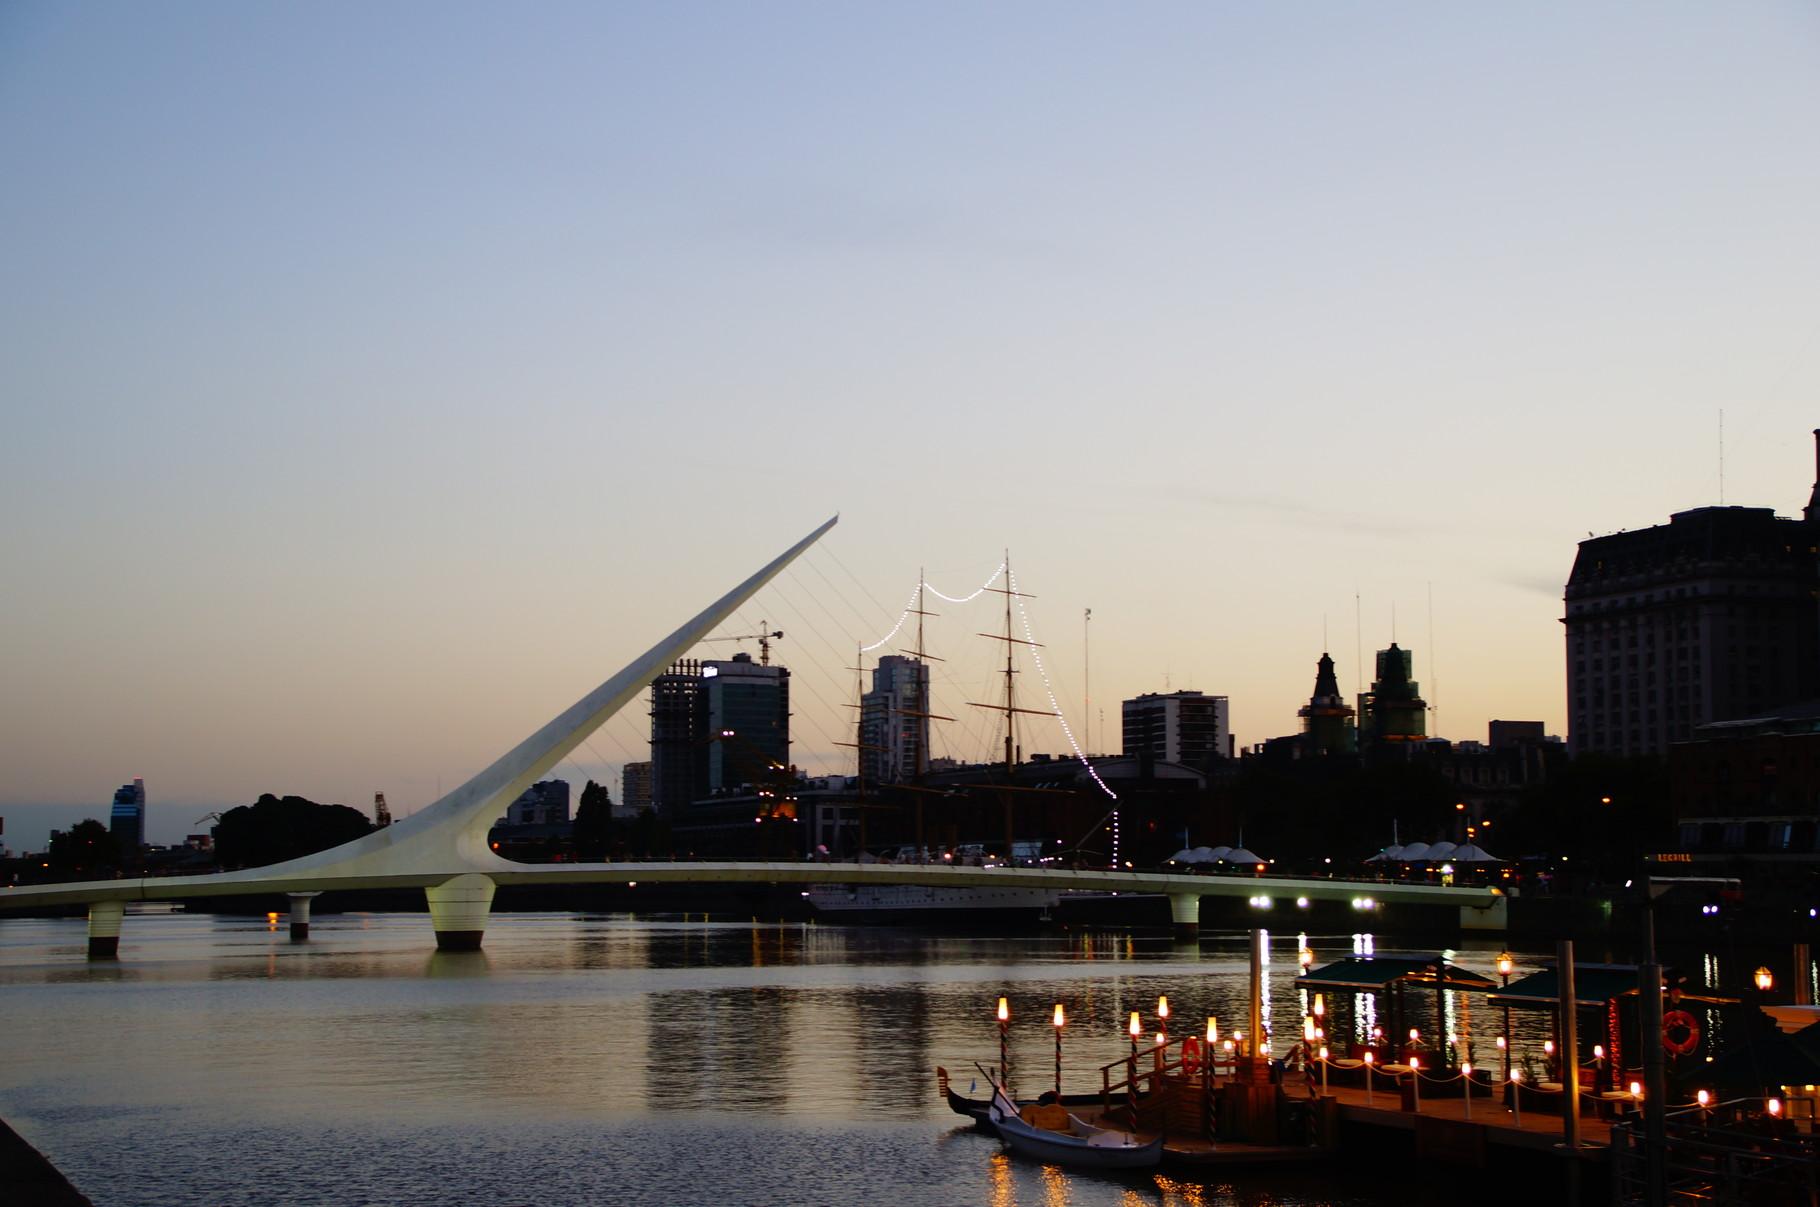 Ein beliebtes Postkartenmotiv: Die Puente de la Mujer (Frauen-Brücke)